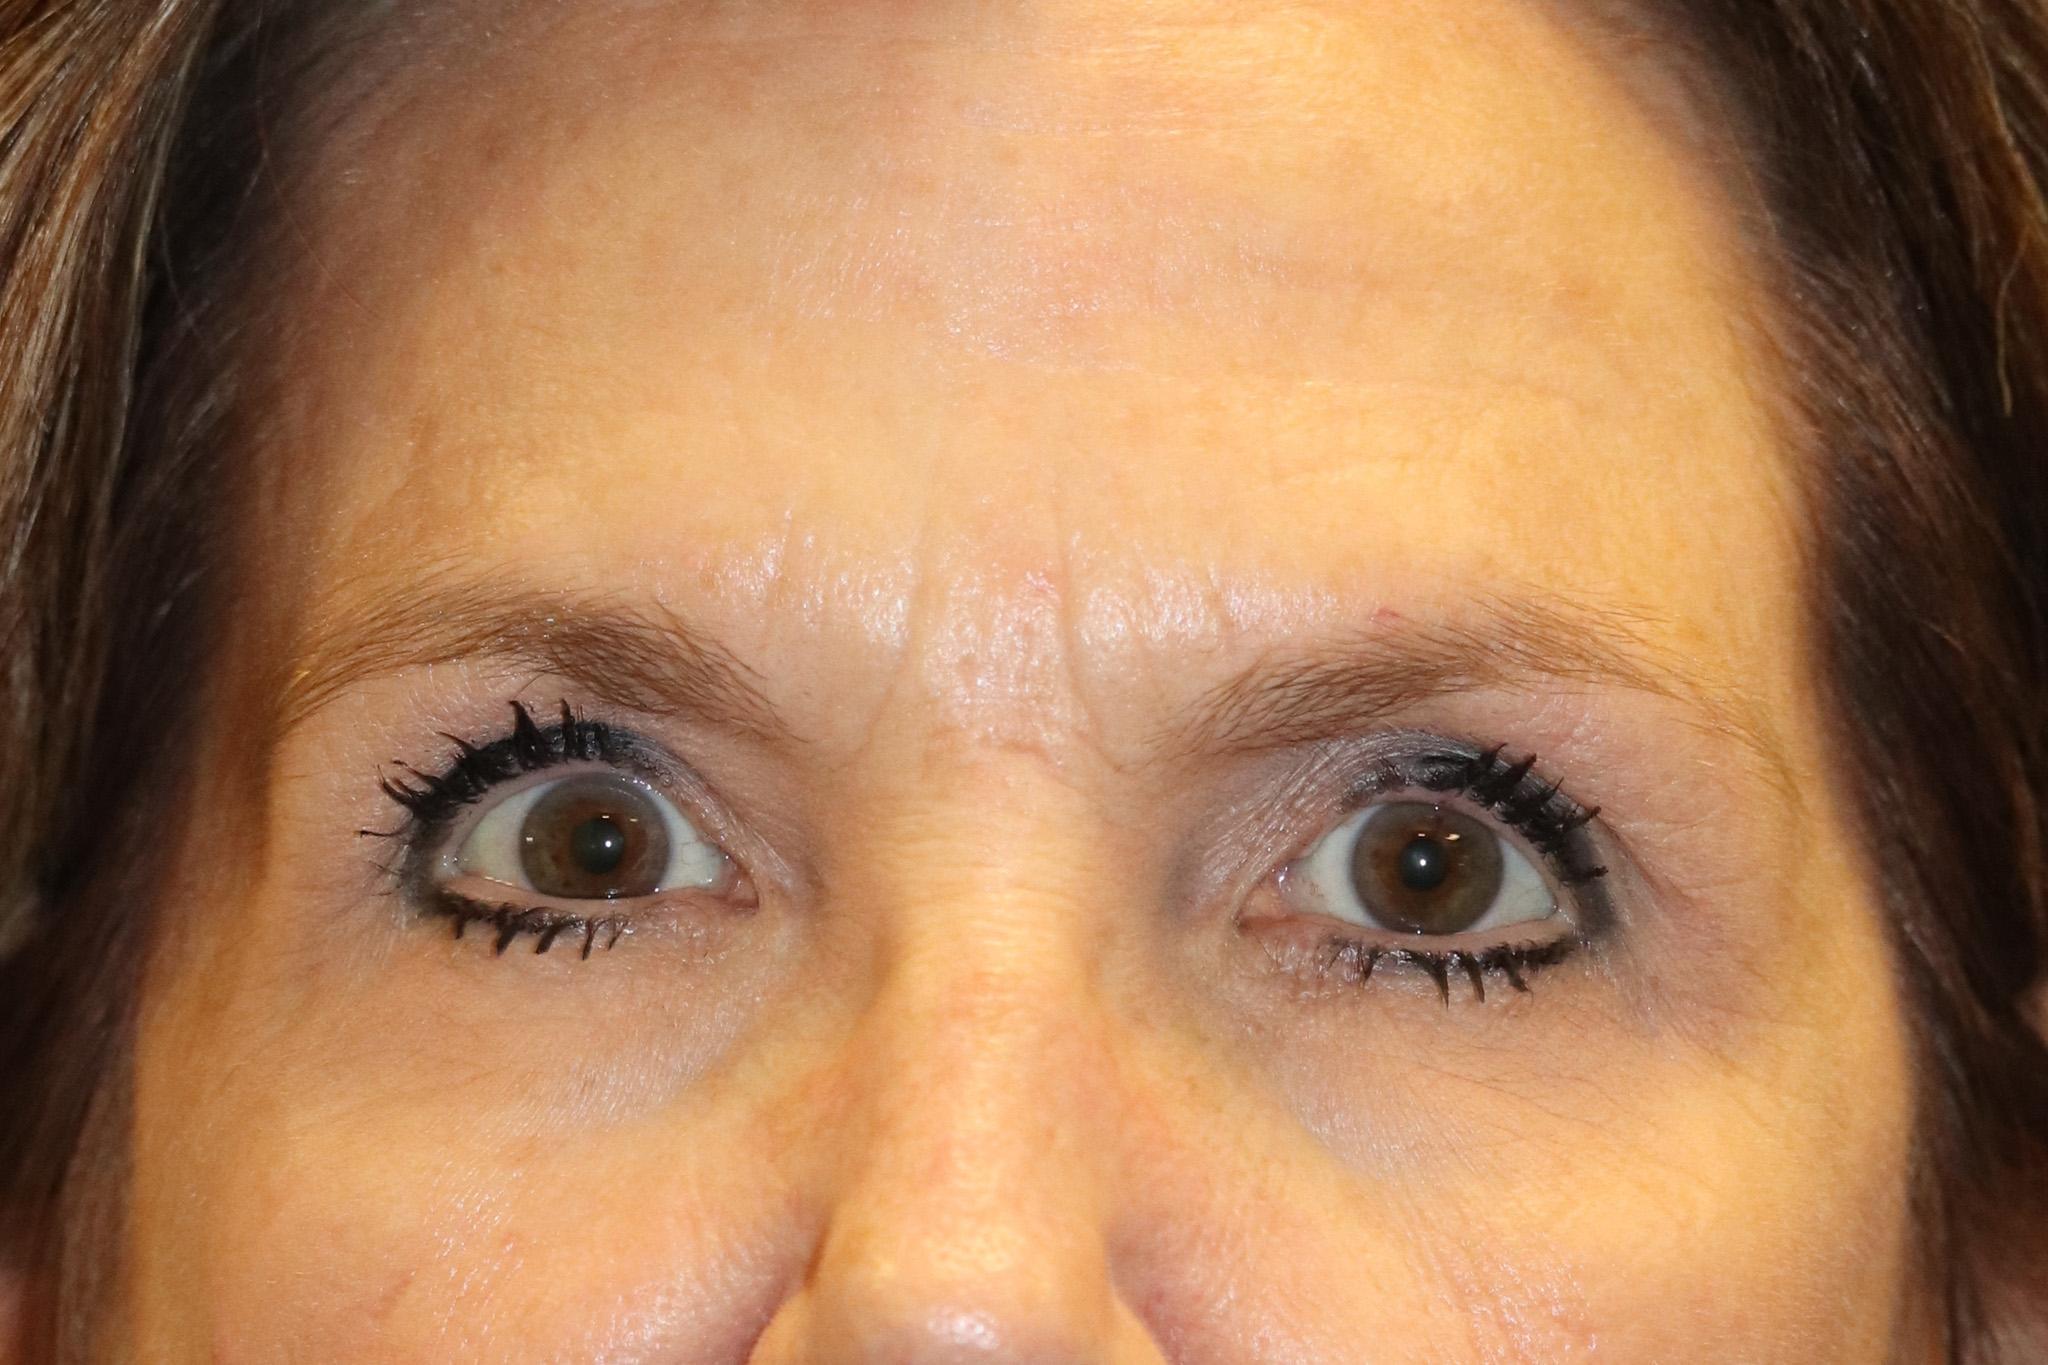 MP brow botox post